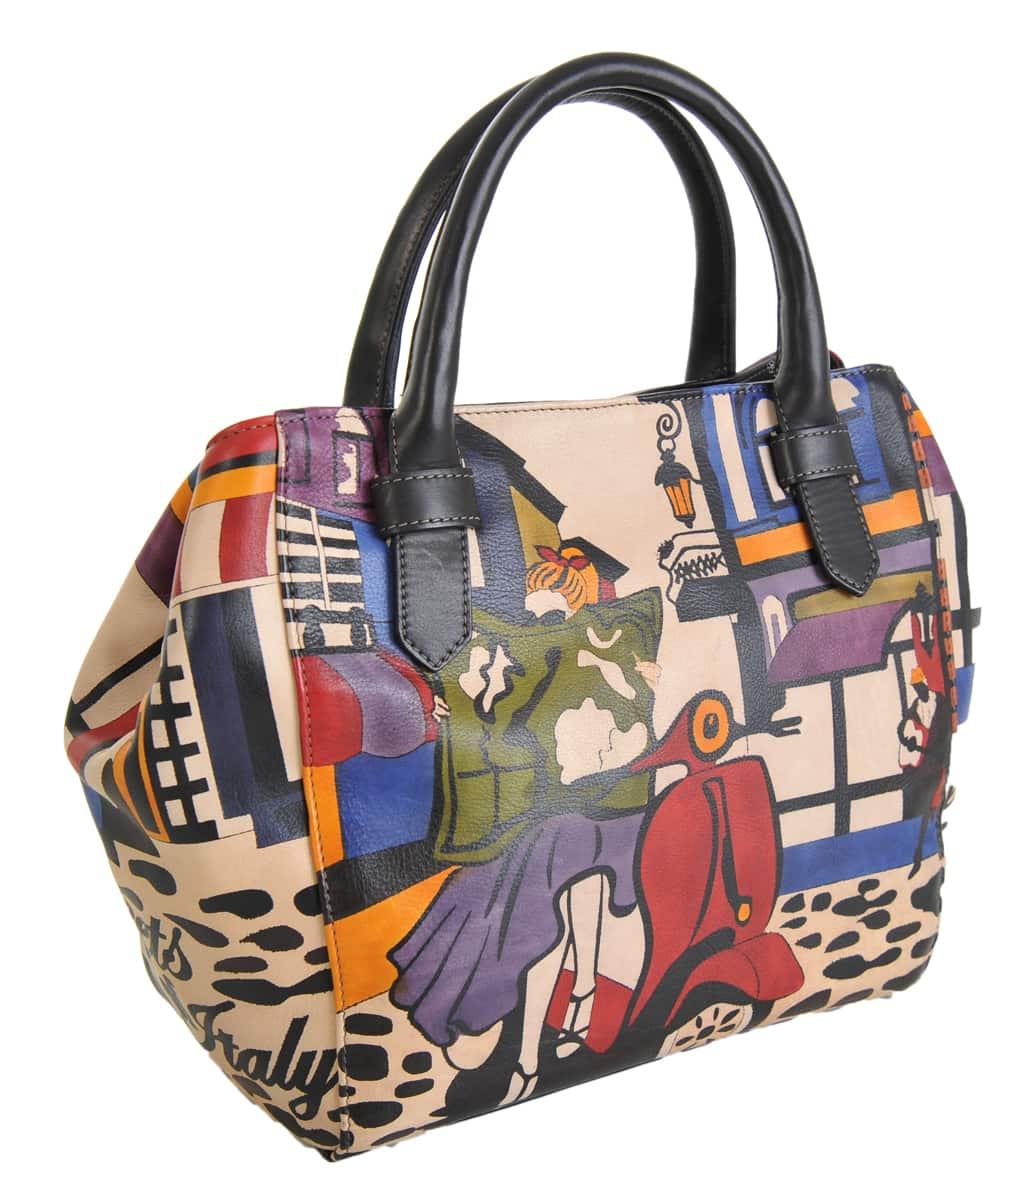 fb673f5bd45c Made In Italy baiadera Hand Painted Handbag Sophie S Street Italy 02 Nero